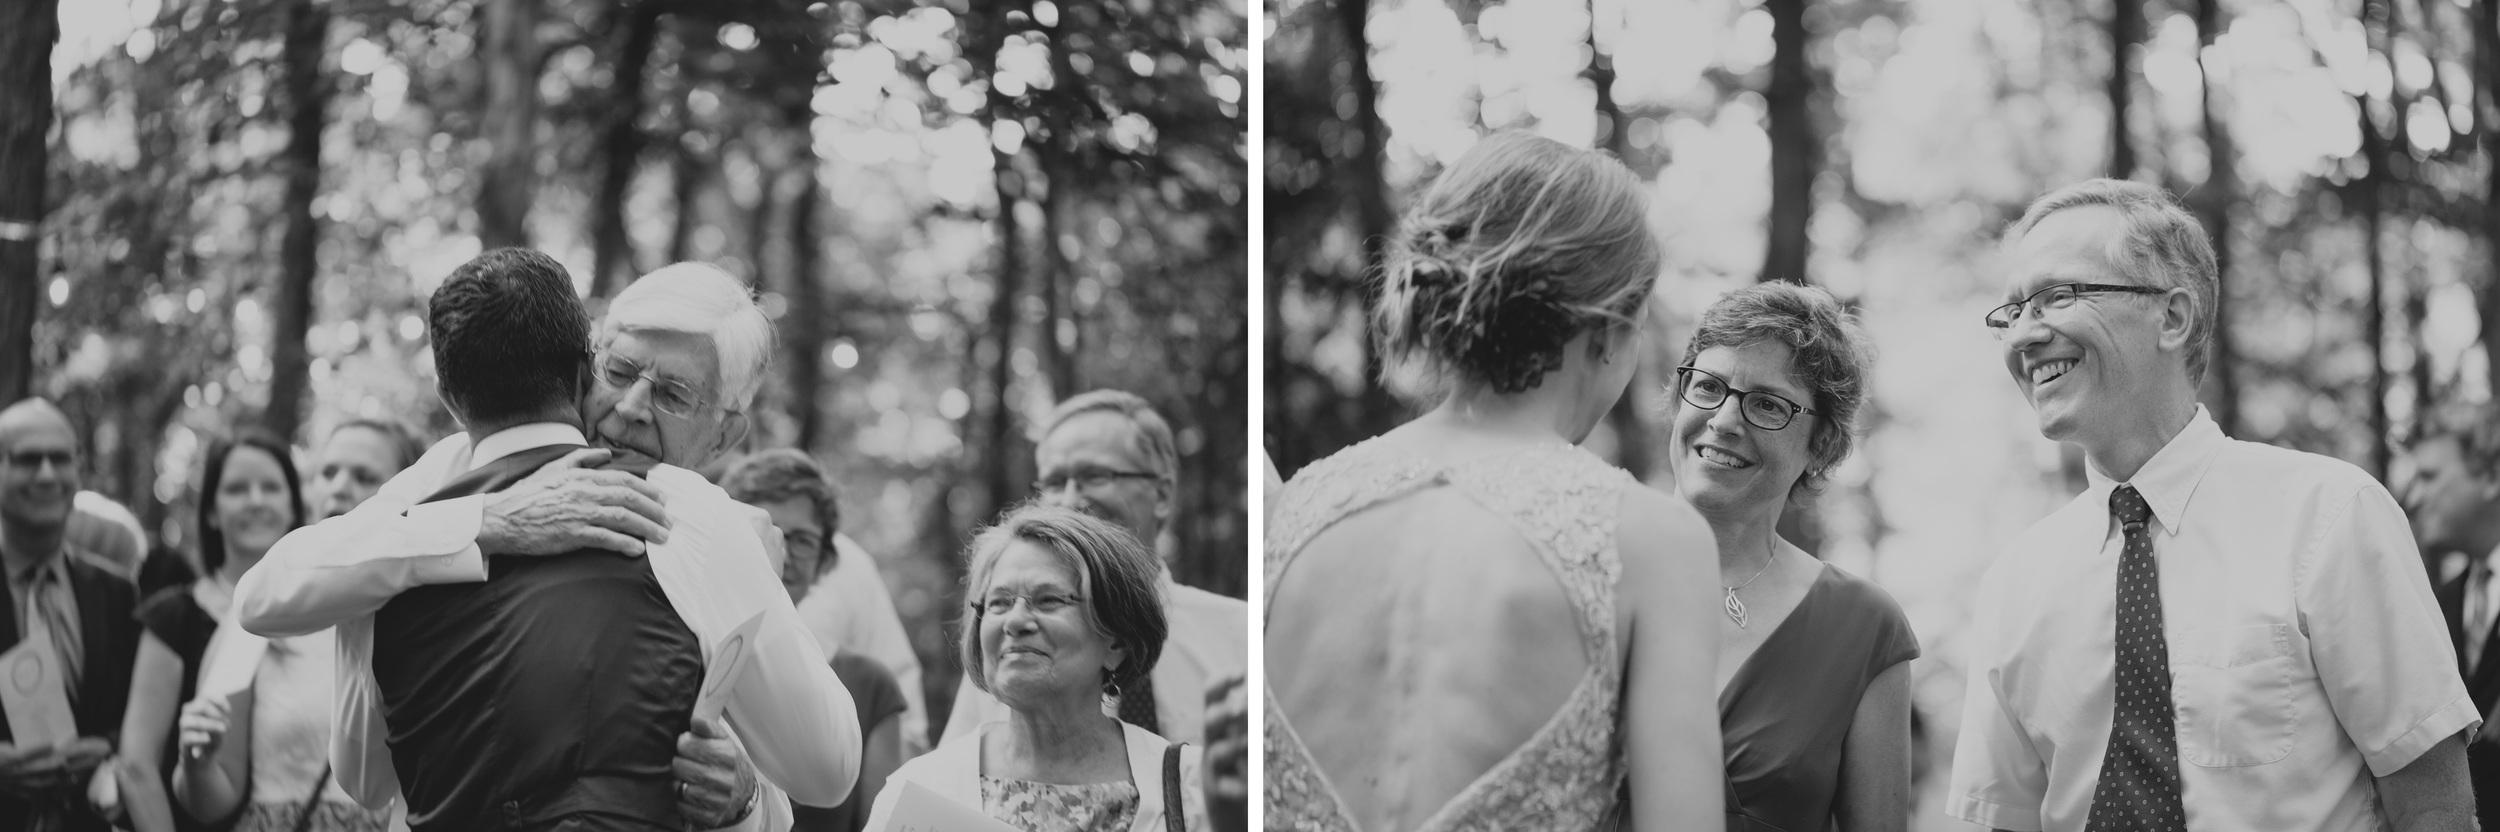 Laura + Mark Wedding Nashville Wedding Photographer Photography Anthology-123 copy.jpg